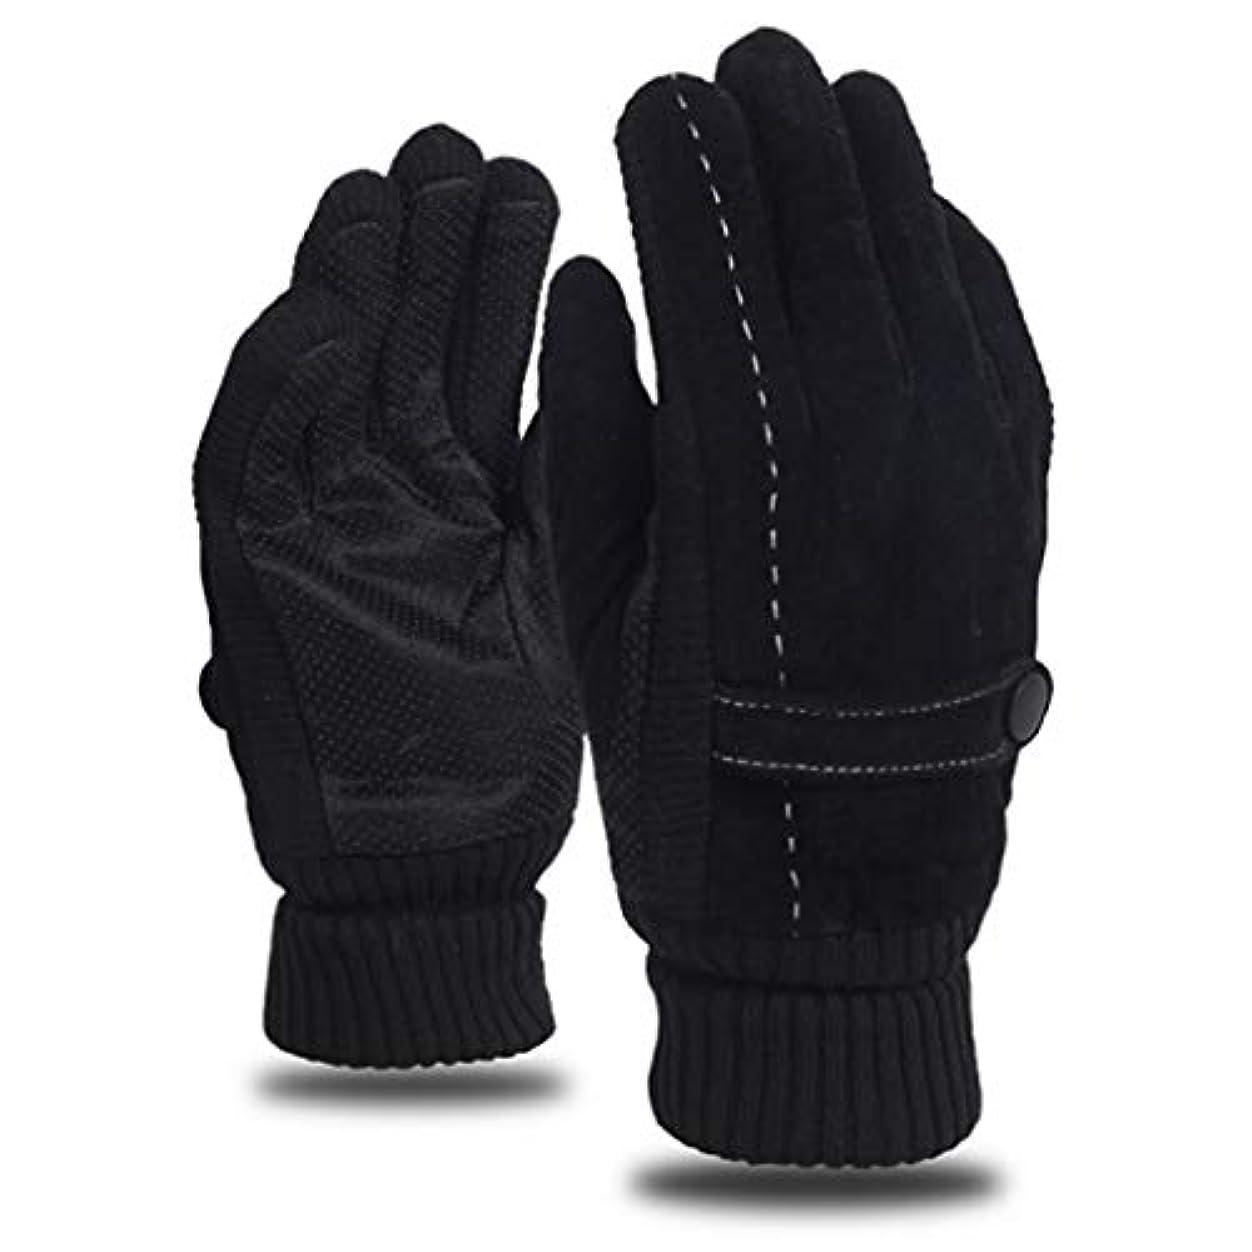 対話明快仕立て屋レザーグローブメンズウィンライディングプラスベルベット厚手暖かいドライビングアウトドアオートバイ防風コールドノンスリップメンズコットン手袋 (色 : 黒)